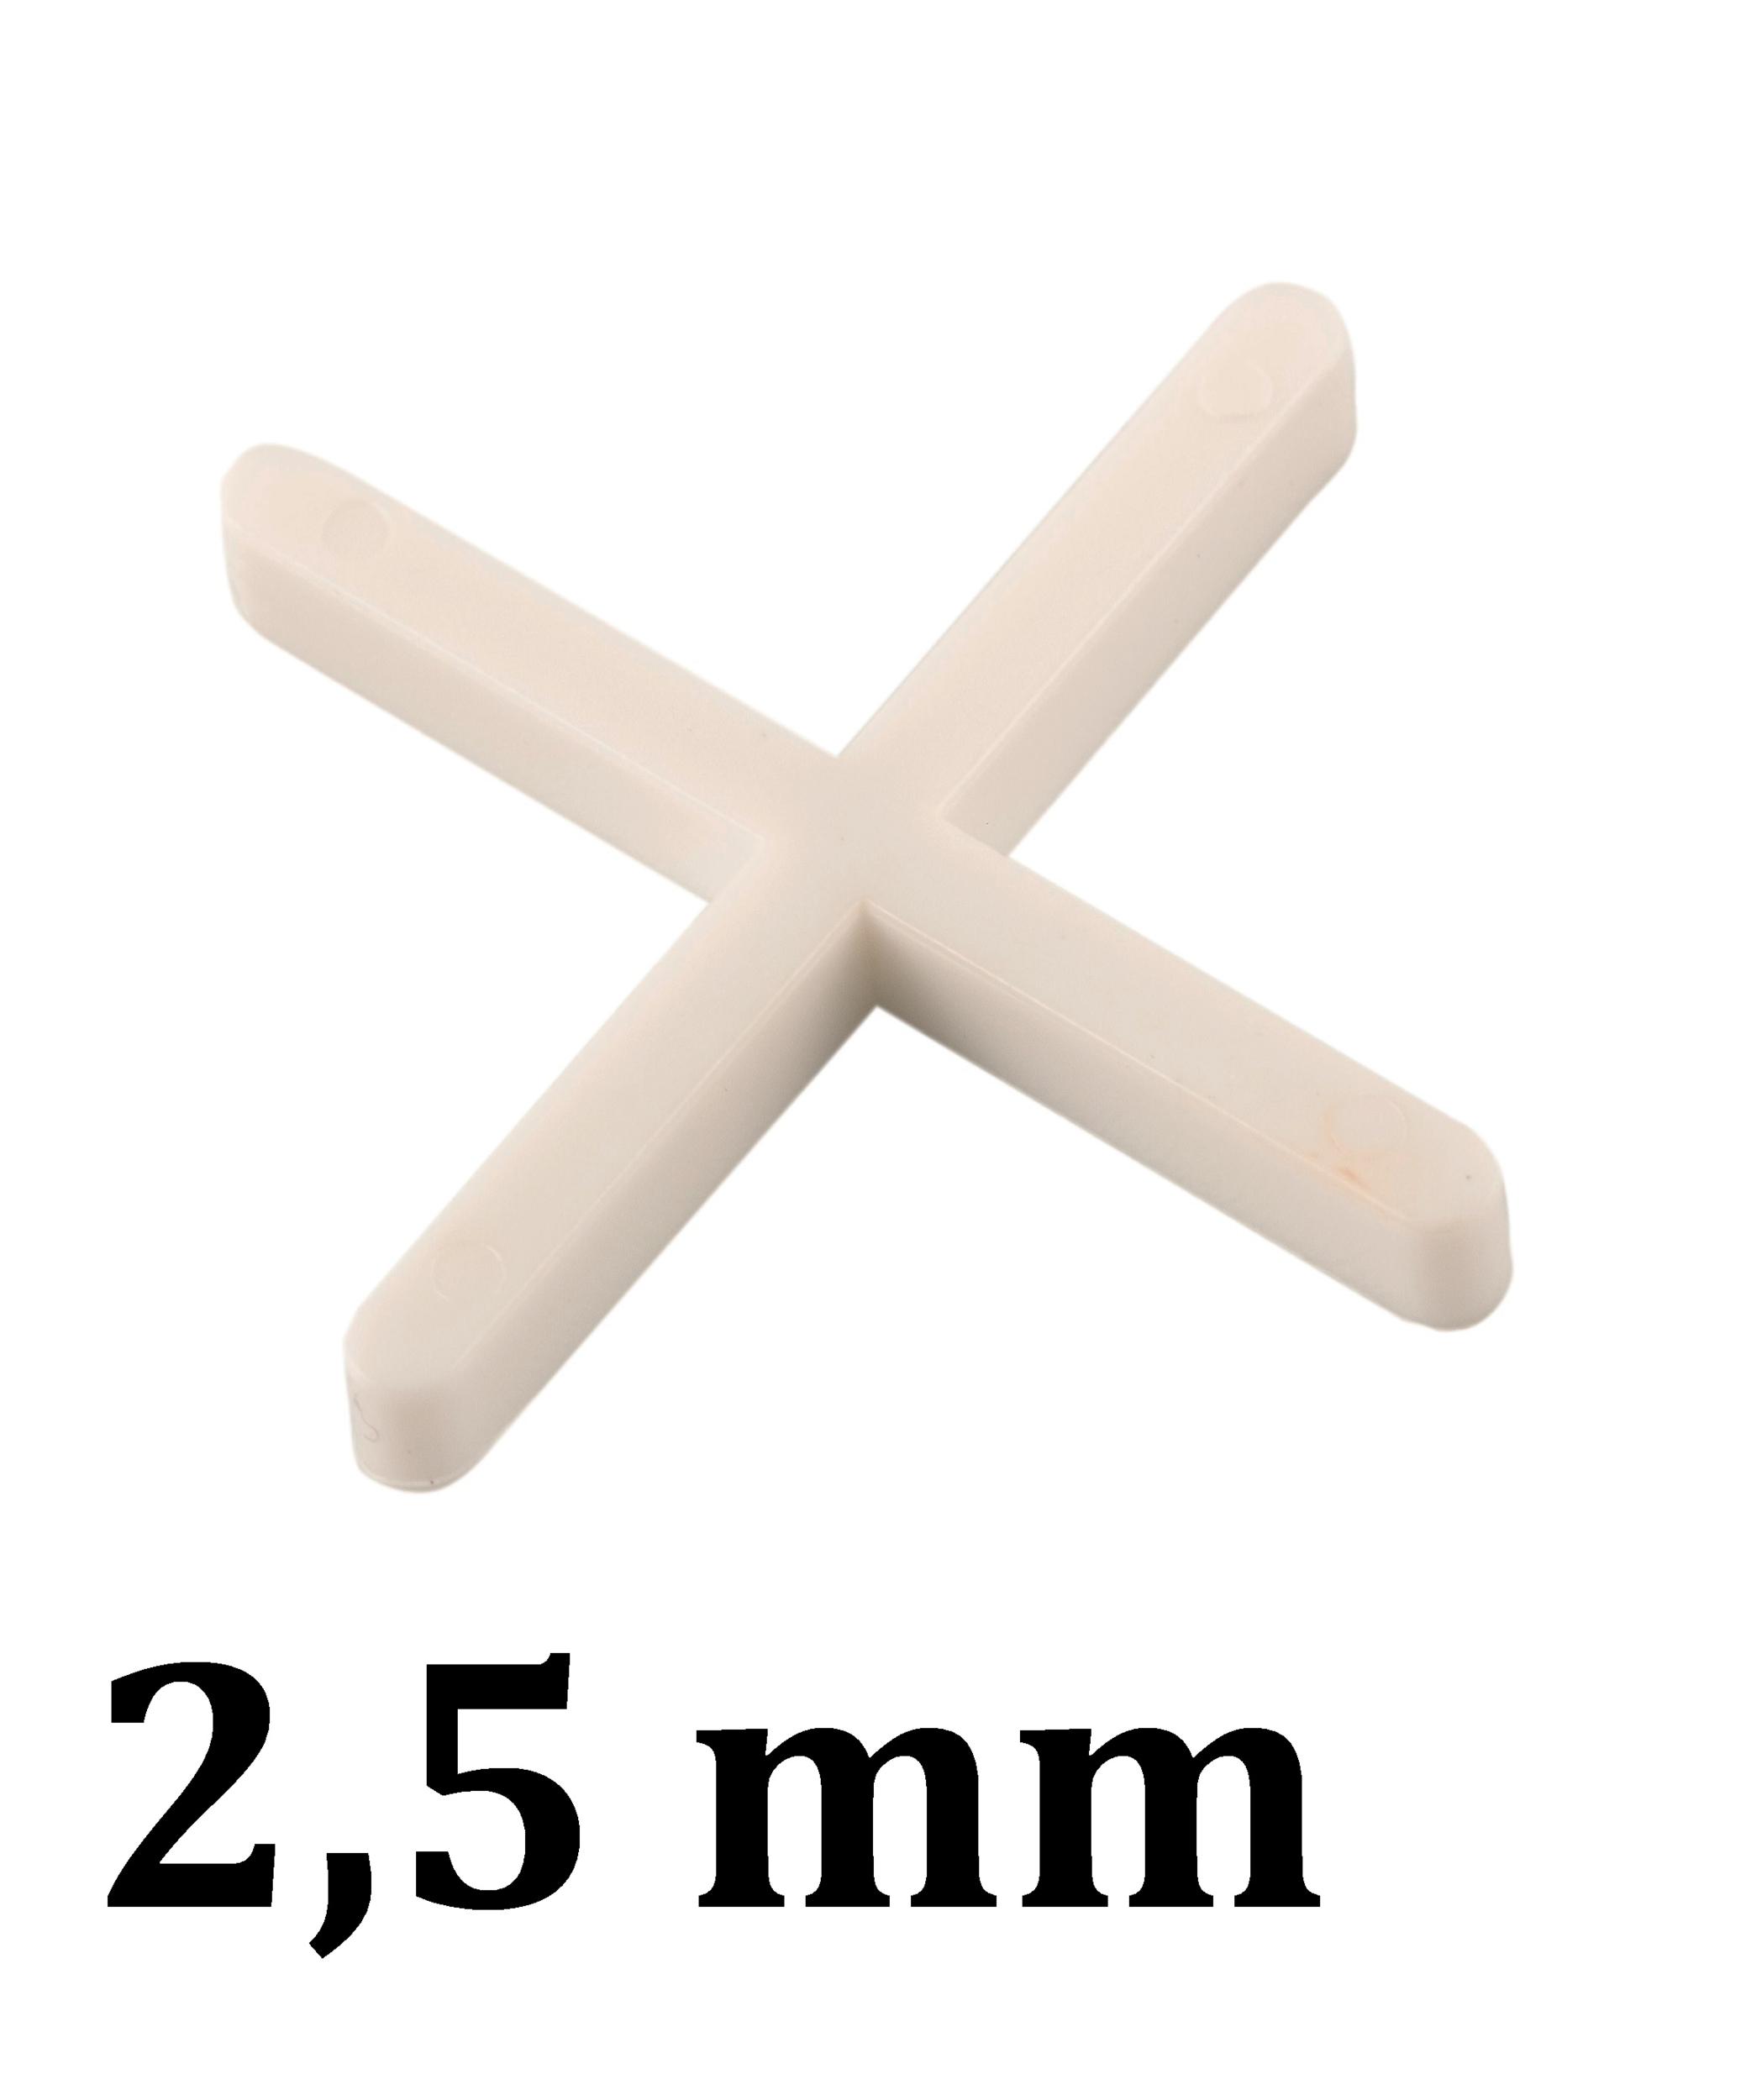 Croisillon carrelage 2,5 mm, en croix